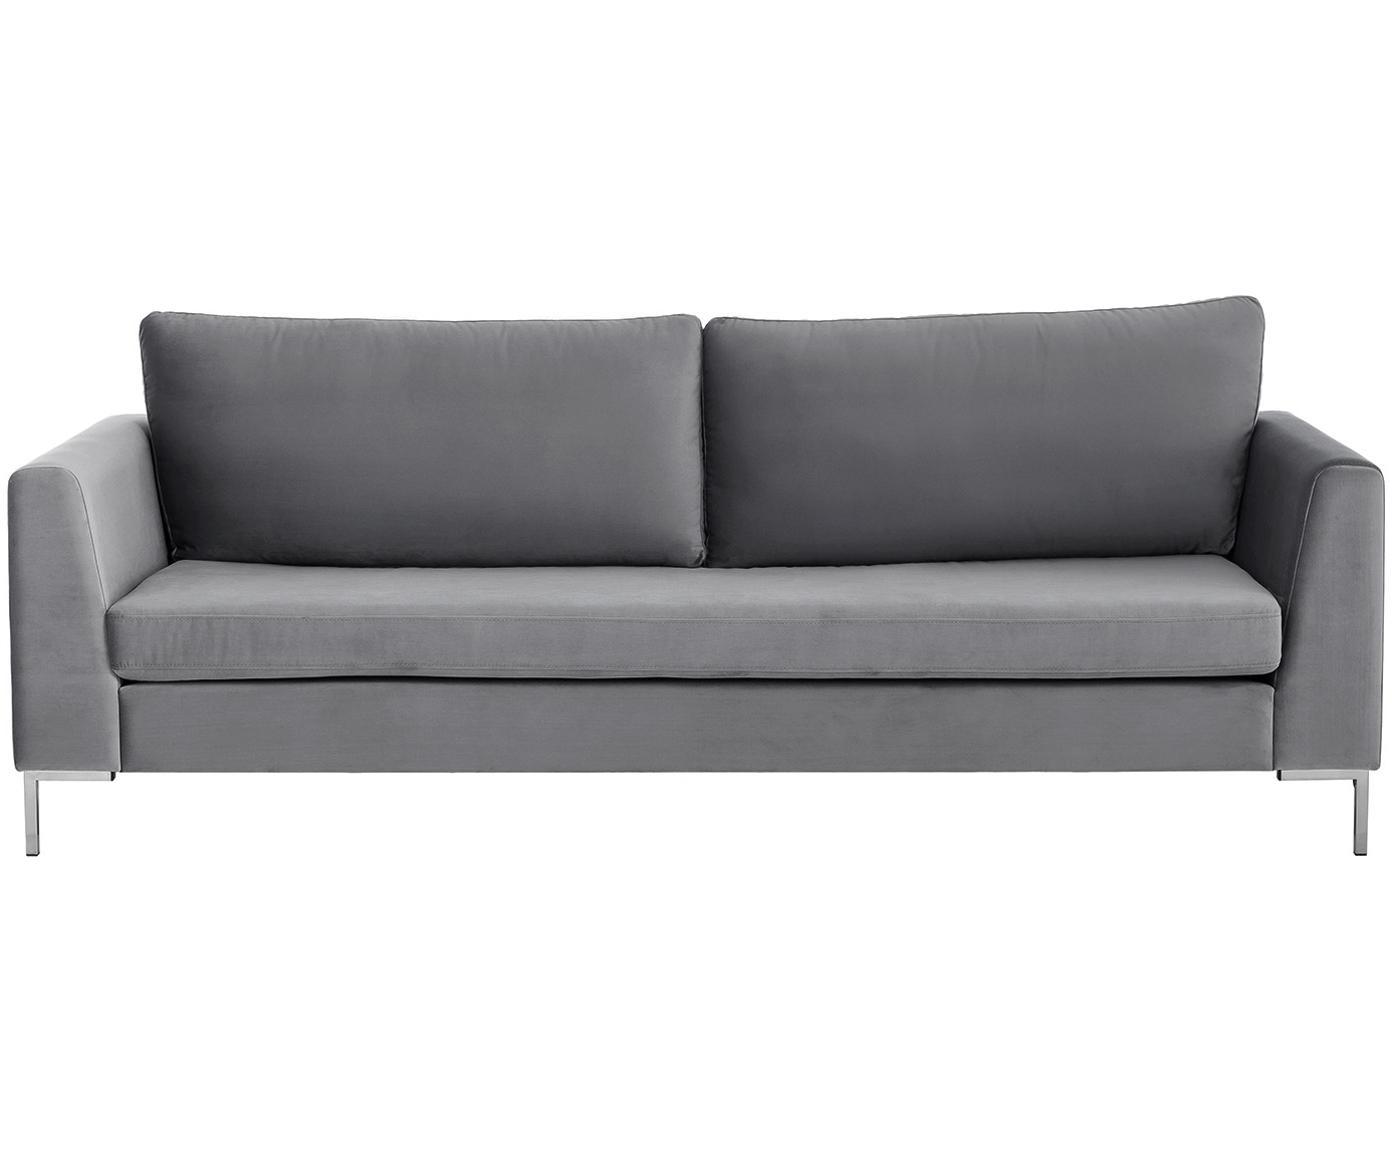 Sofa z aksamitu Luna (3-osobowa), Tapicerka: aksamit (poliester) 8000, Stelaż: lite drewno bukowe, Nogi: metal galwanizowany, Ciemnyszary, S 230 x G 95 cm